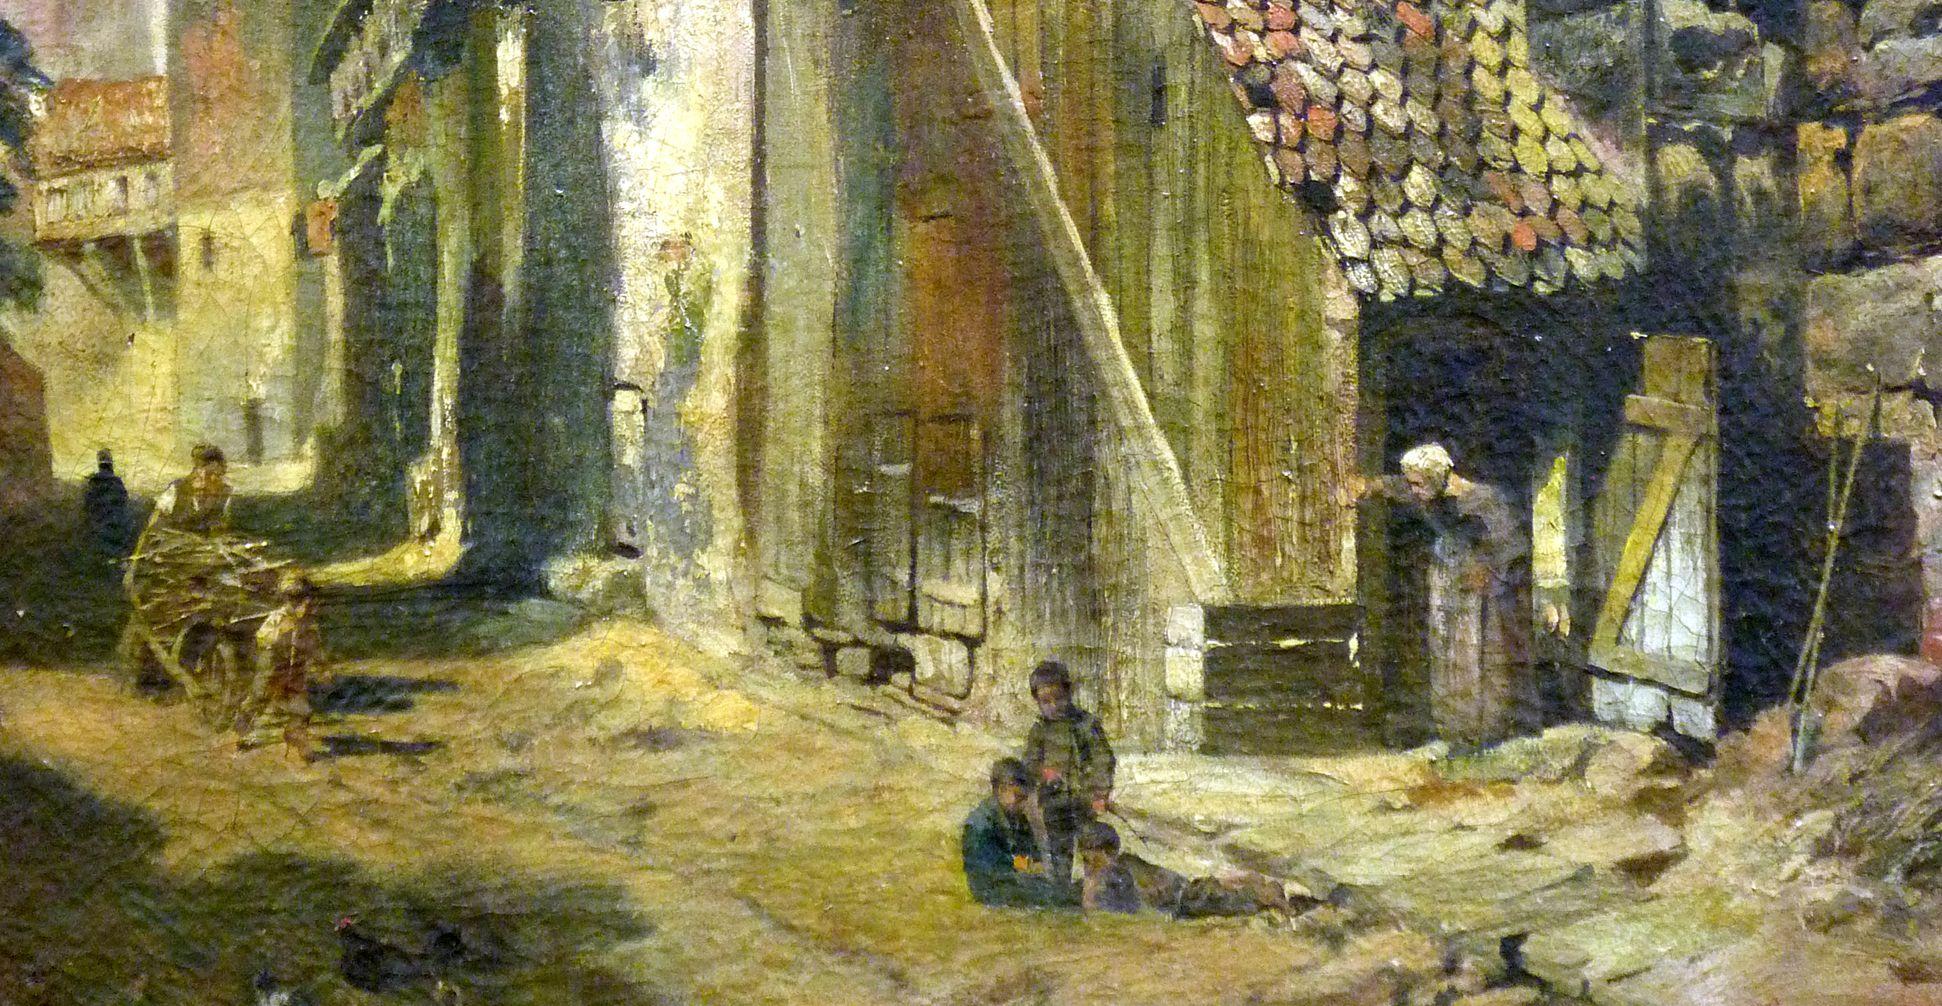 An der Maxtormauer unteres Bilddrittel